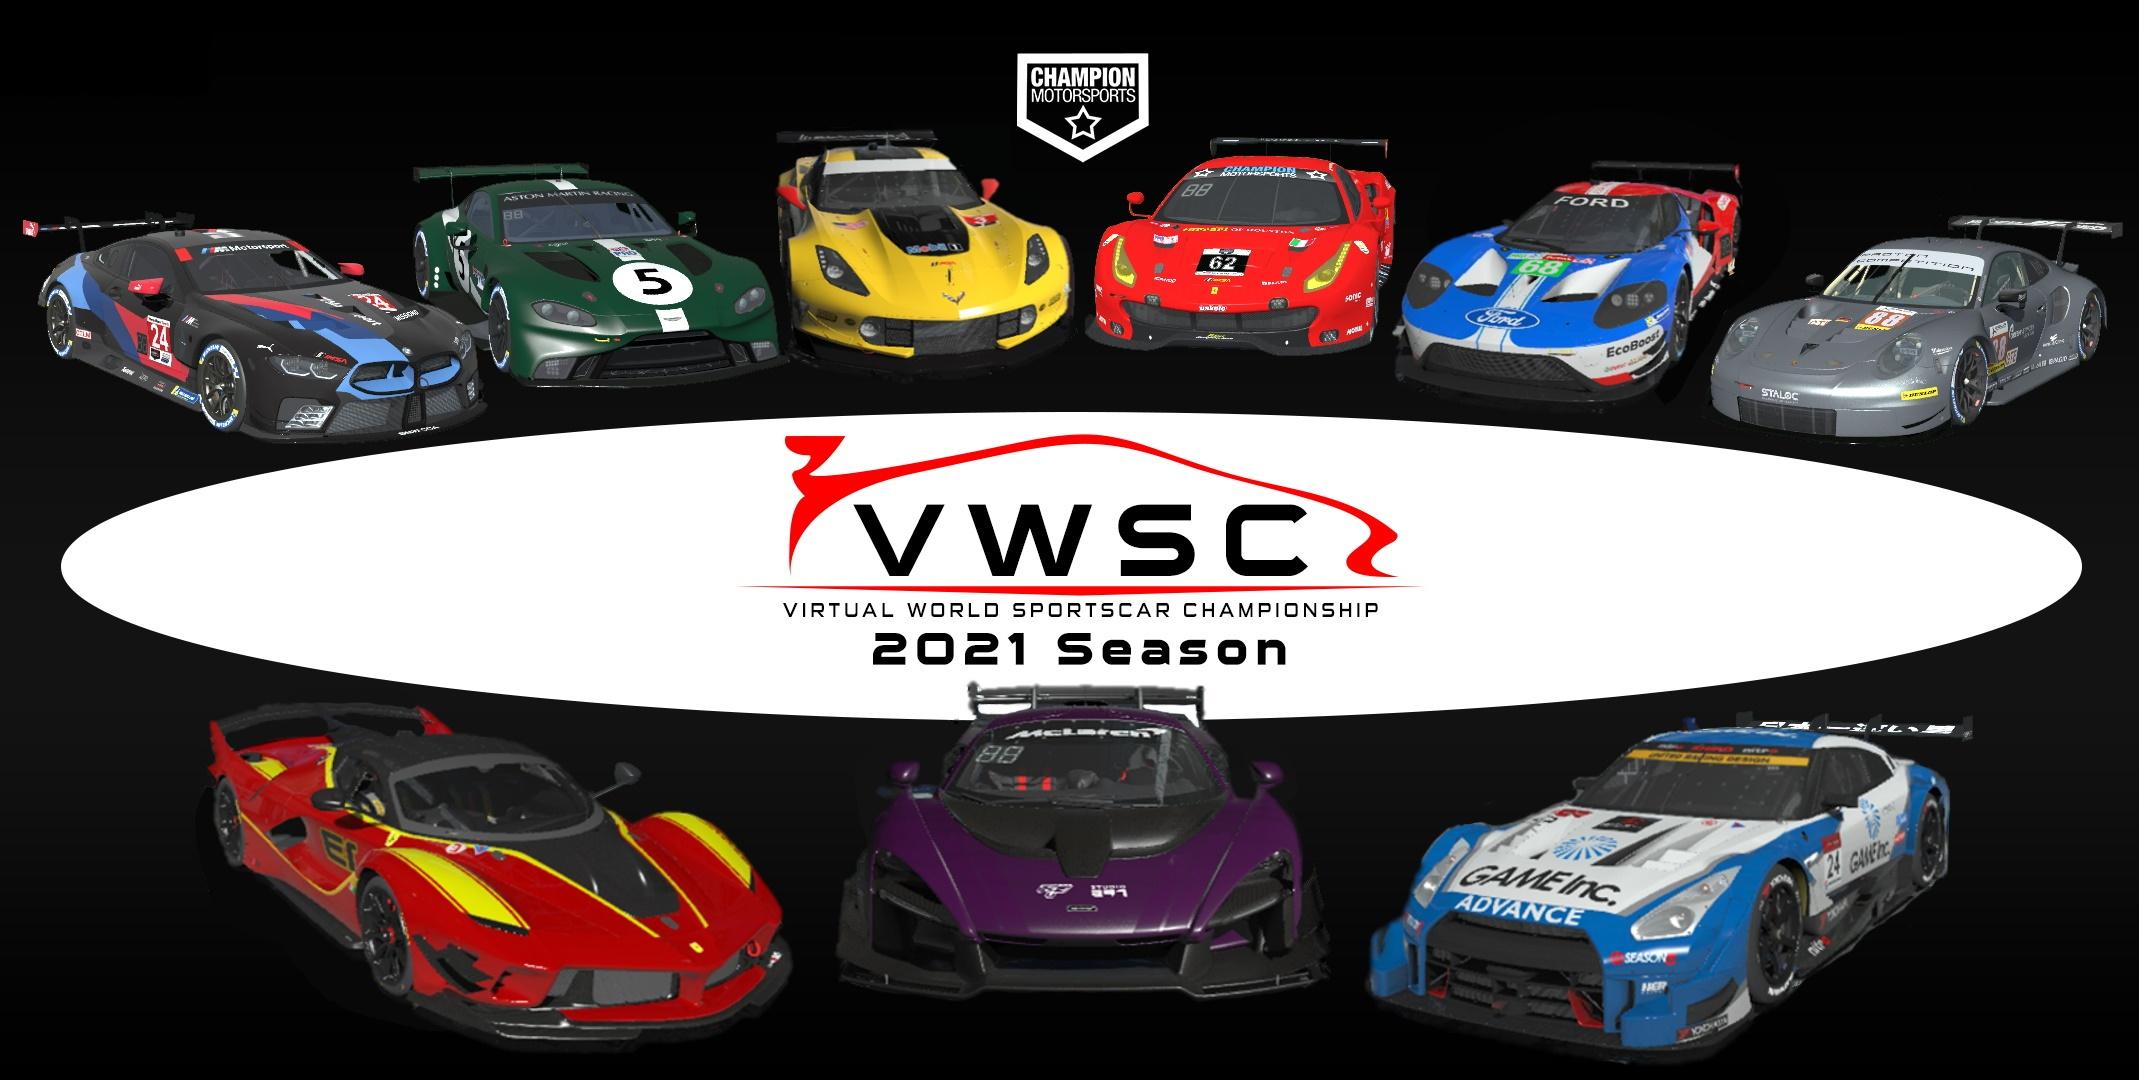 VWSC 2021